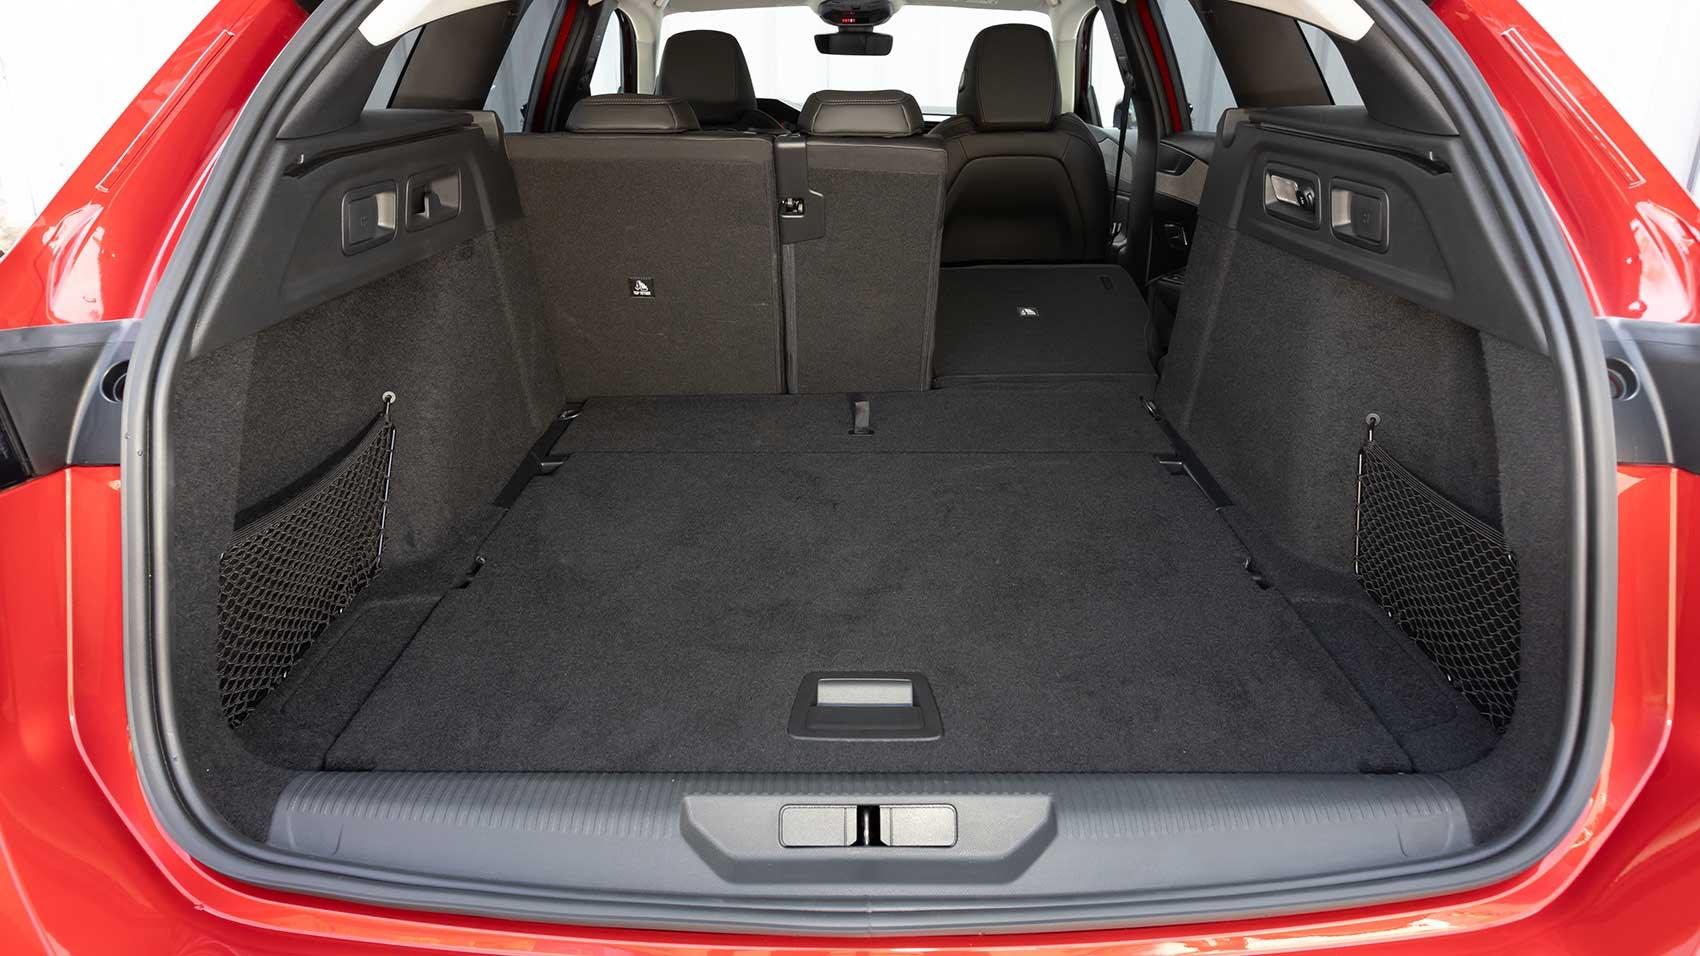 Peugeot 308 SW rear load bay